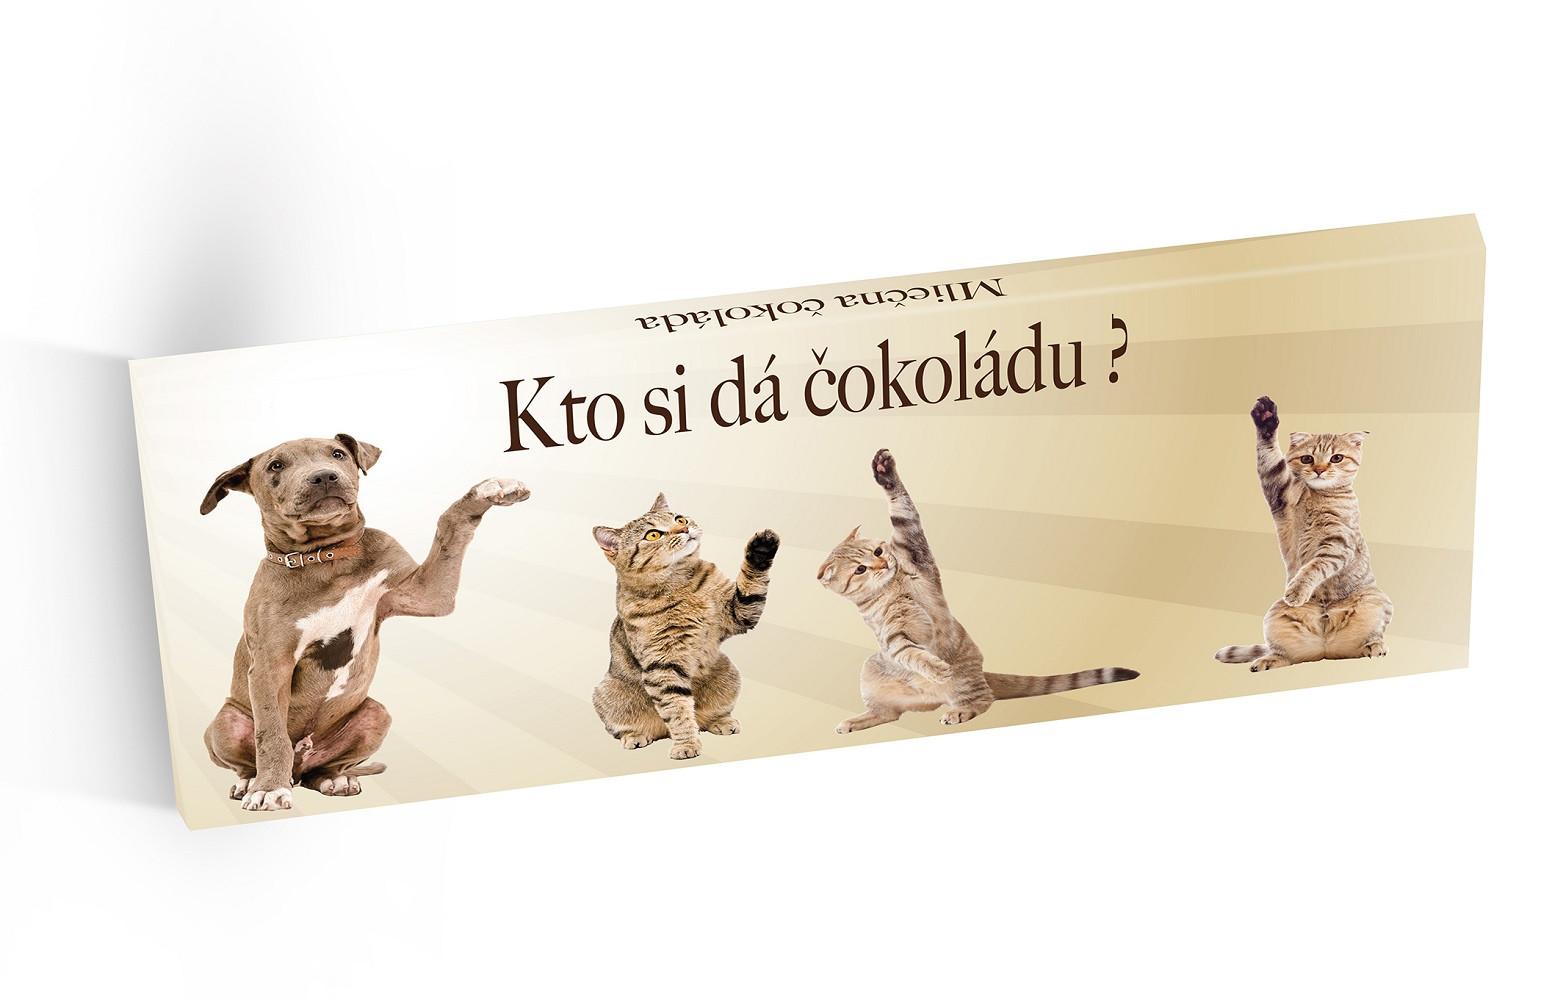 Kto si dá čokoládu - mléčná čokoláda 100g - SLOVENSKY